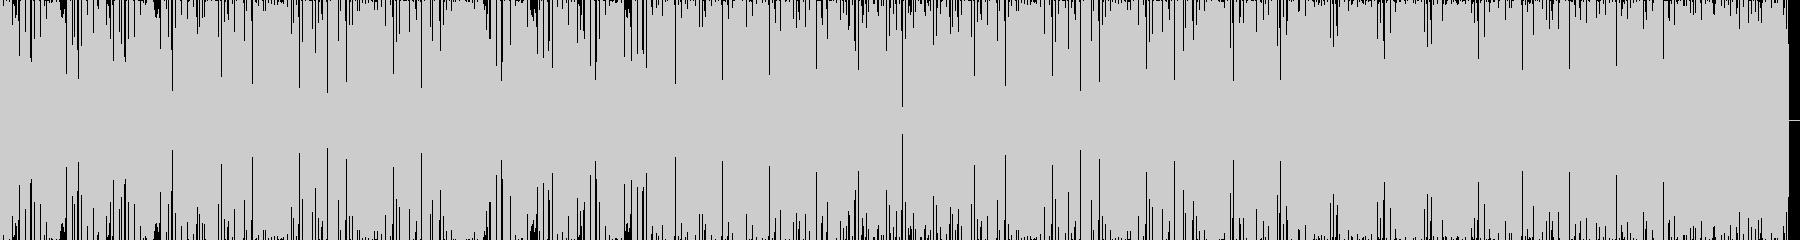 ハウスのリズムにファンクなベースの未再生の波形